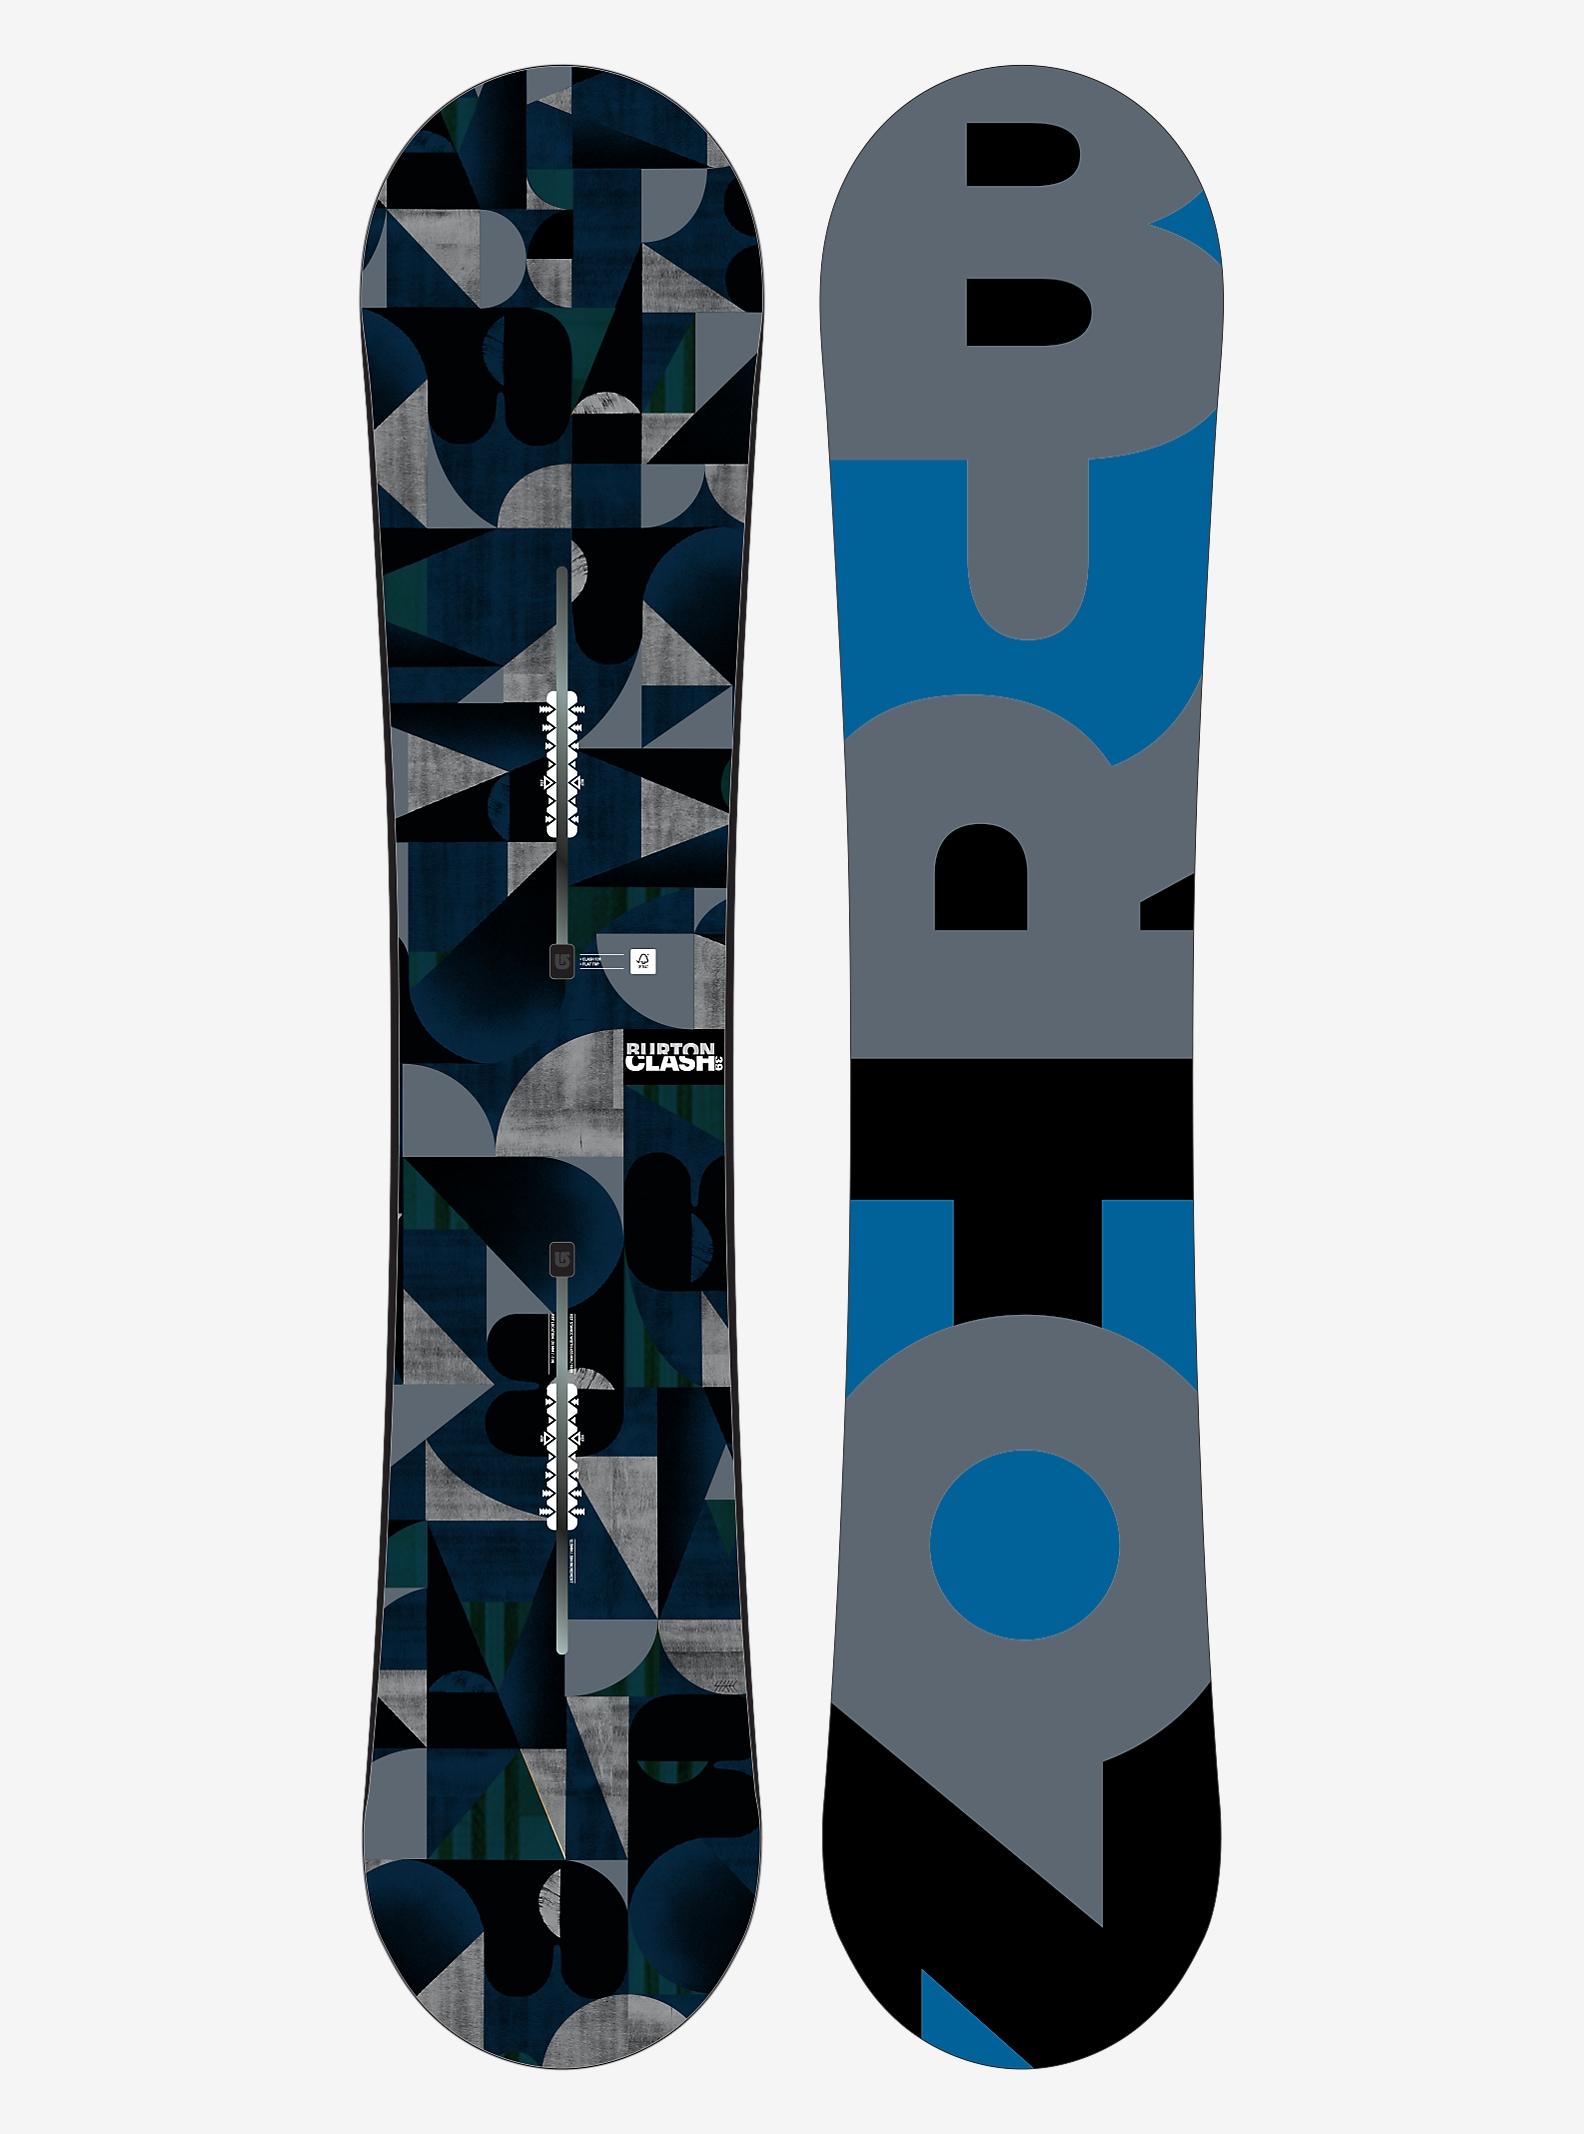 Burton Clash Snowboard shown in 139